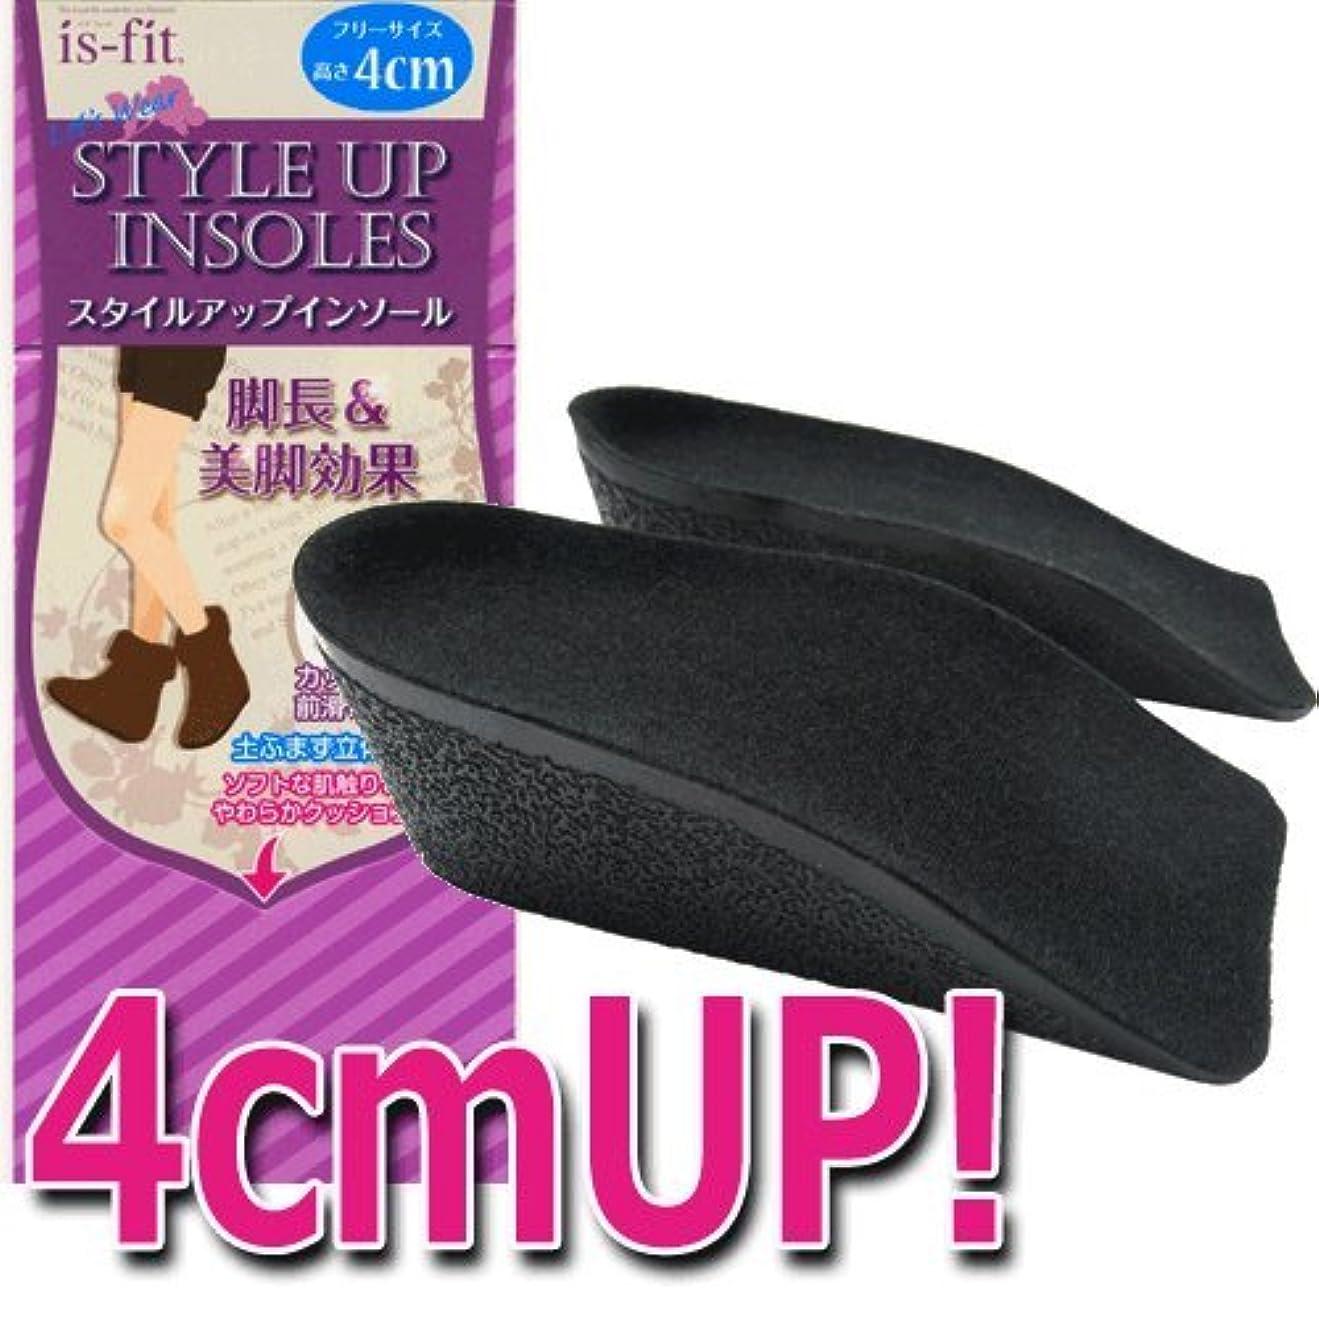 連邦フリッパー擬人モリト is-fit(イズフィット) スタイルアップインソール 4cm 女性用 フリーサイズ ブラック